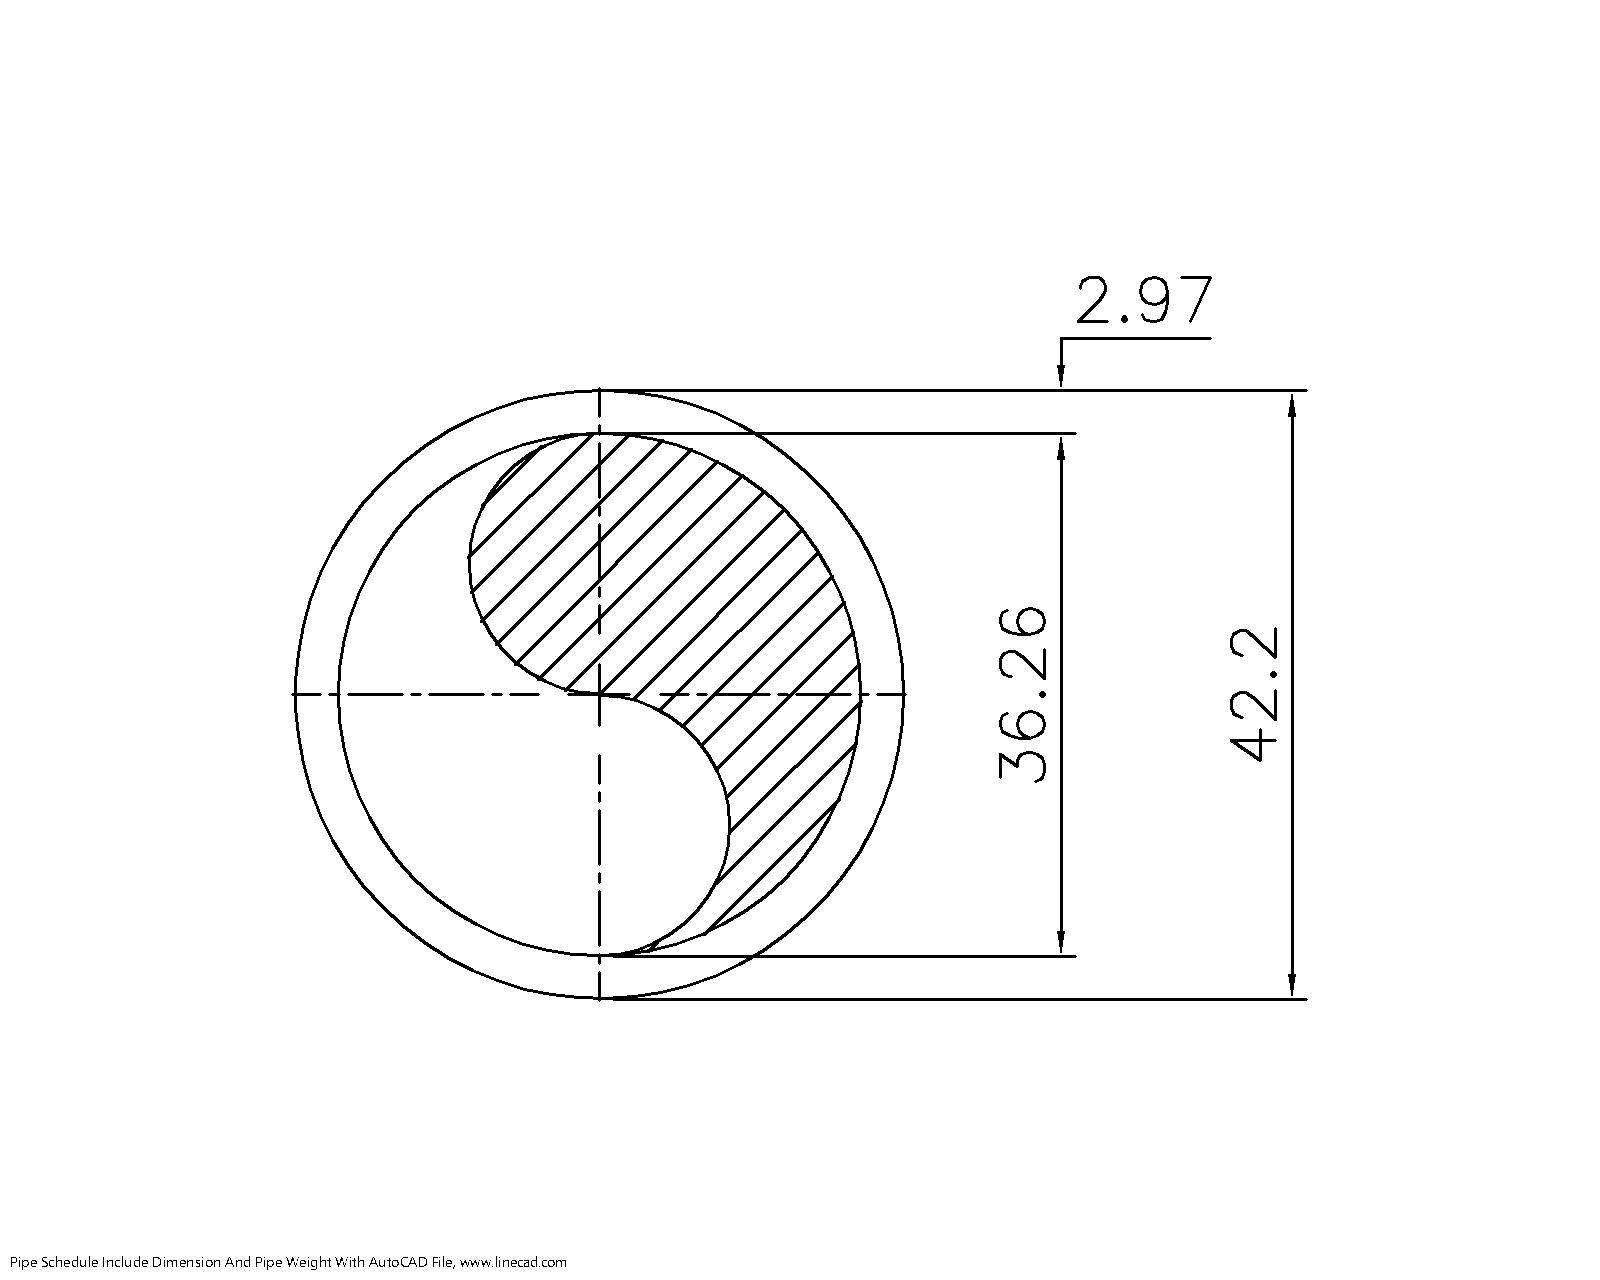 schedule 30 pipe 1 1-4 inch dn32 – autocad free cad block symbols